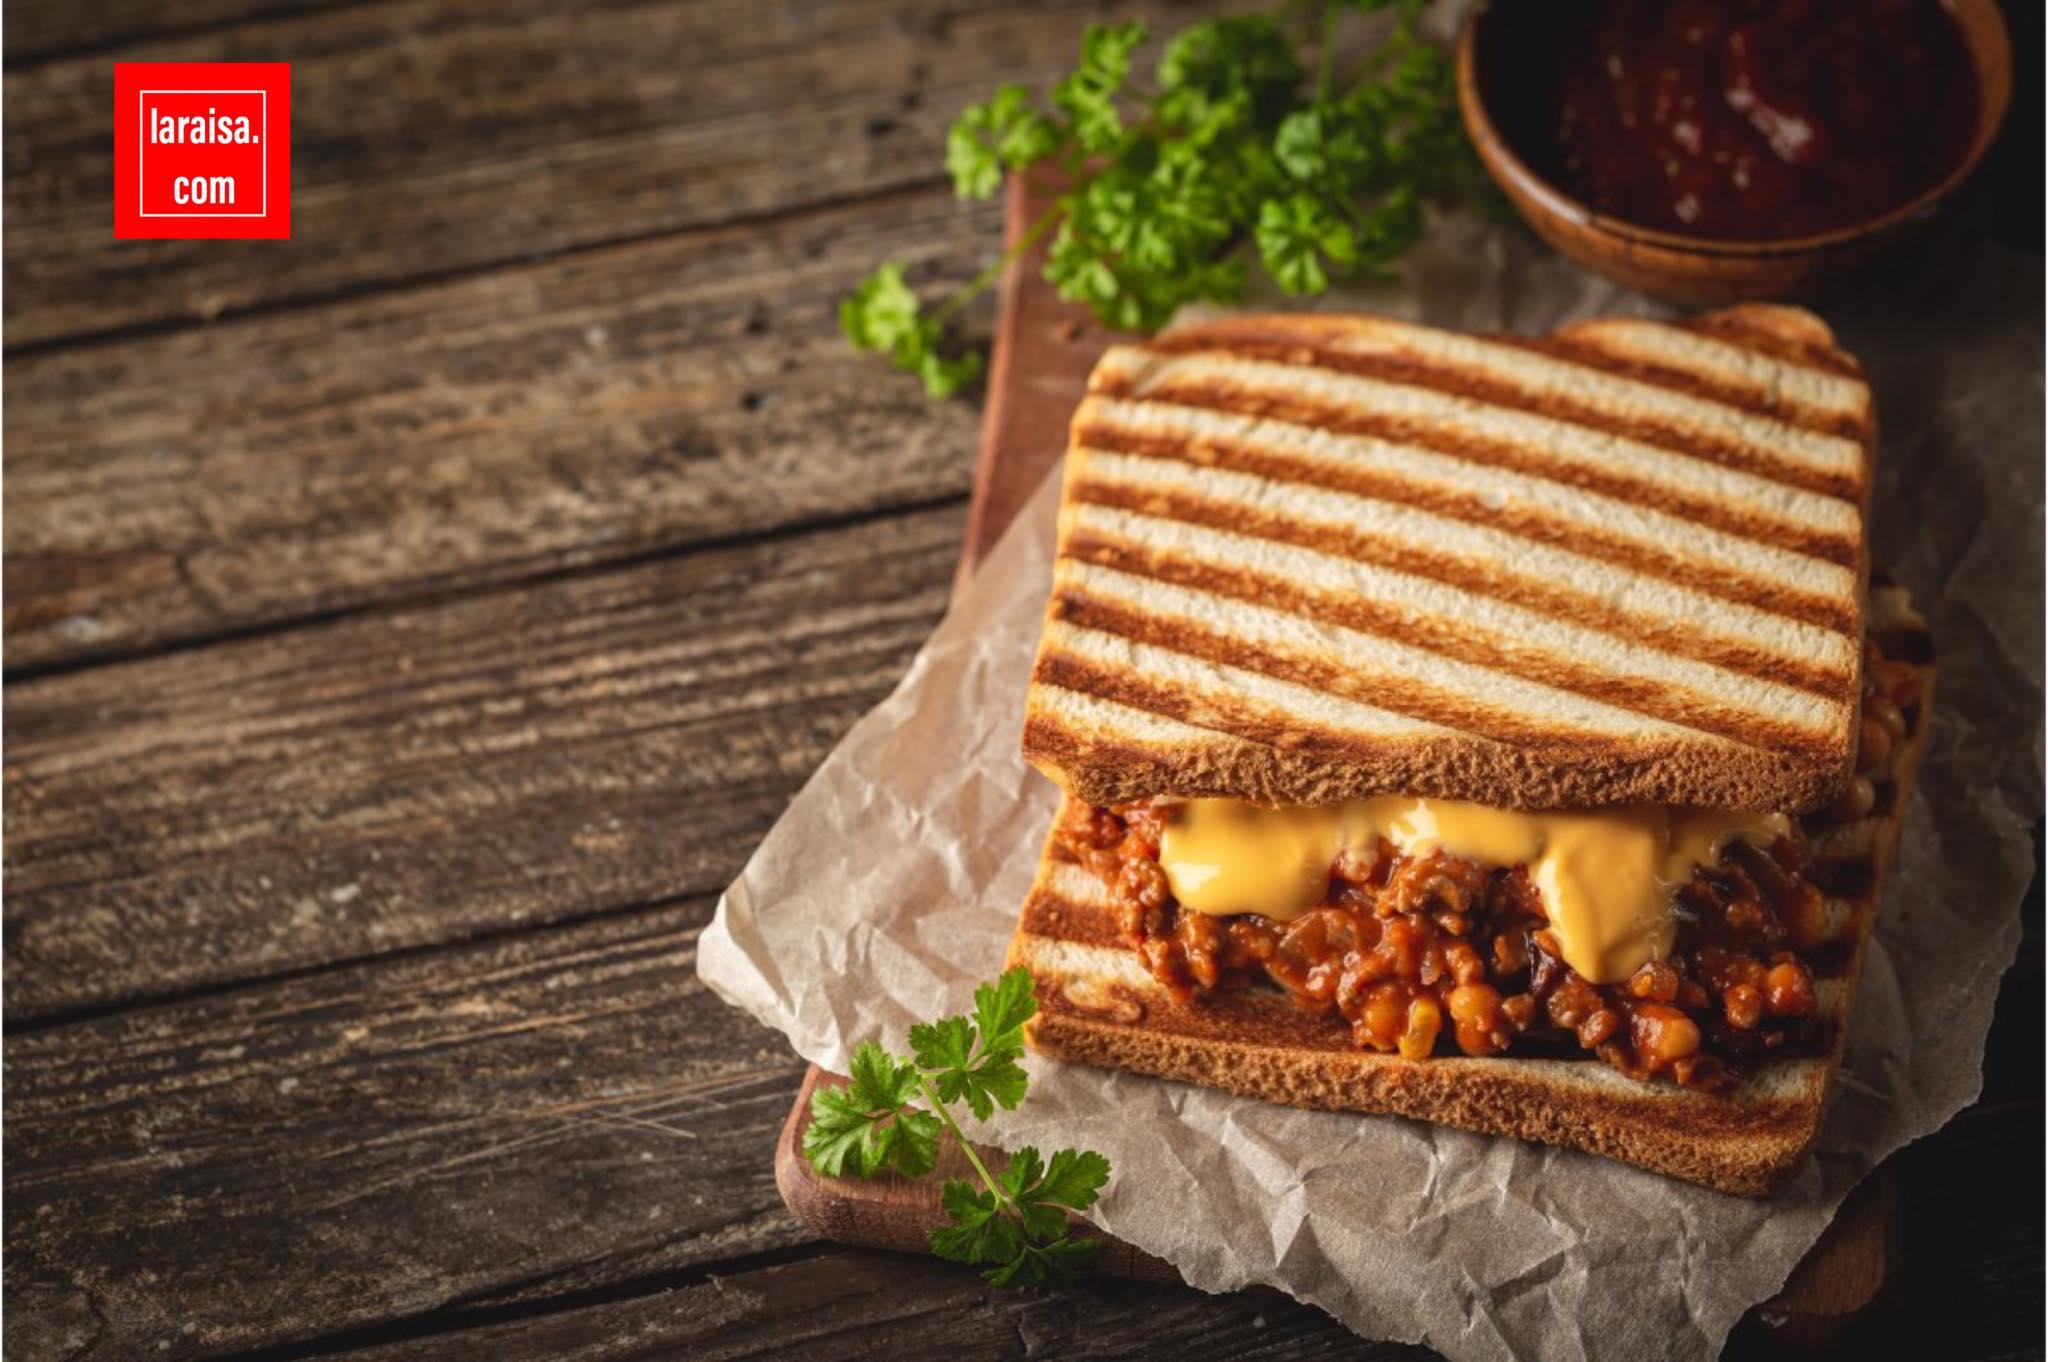 ساندويتش الجبن مع اللحم المفروم -  سلوبي جو